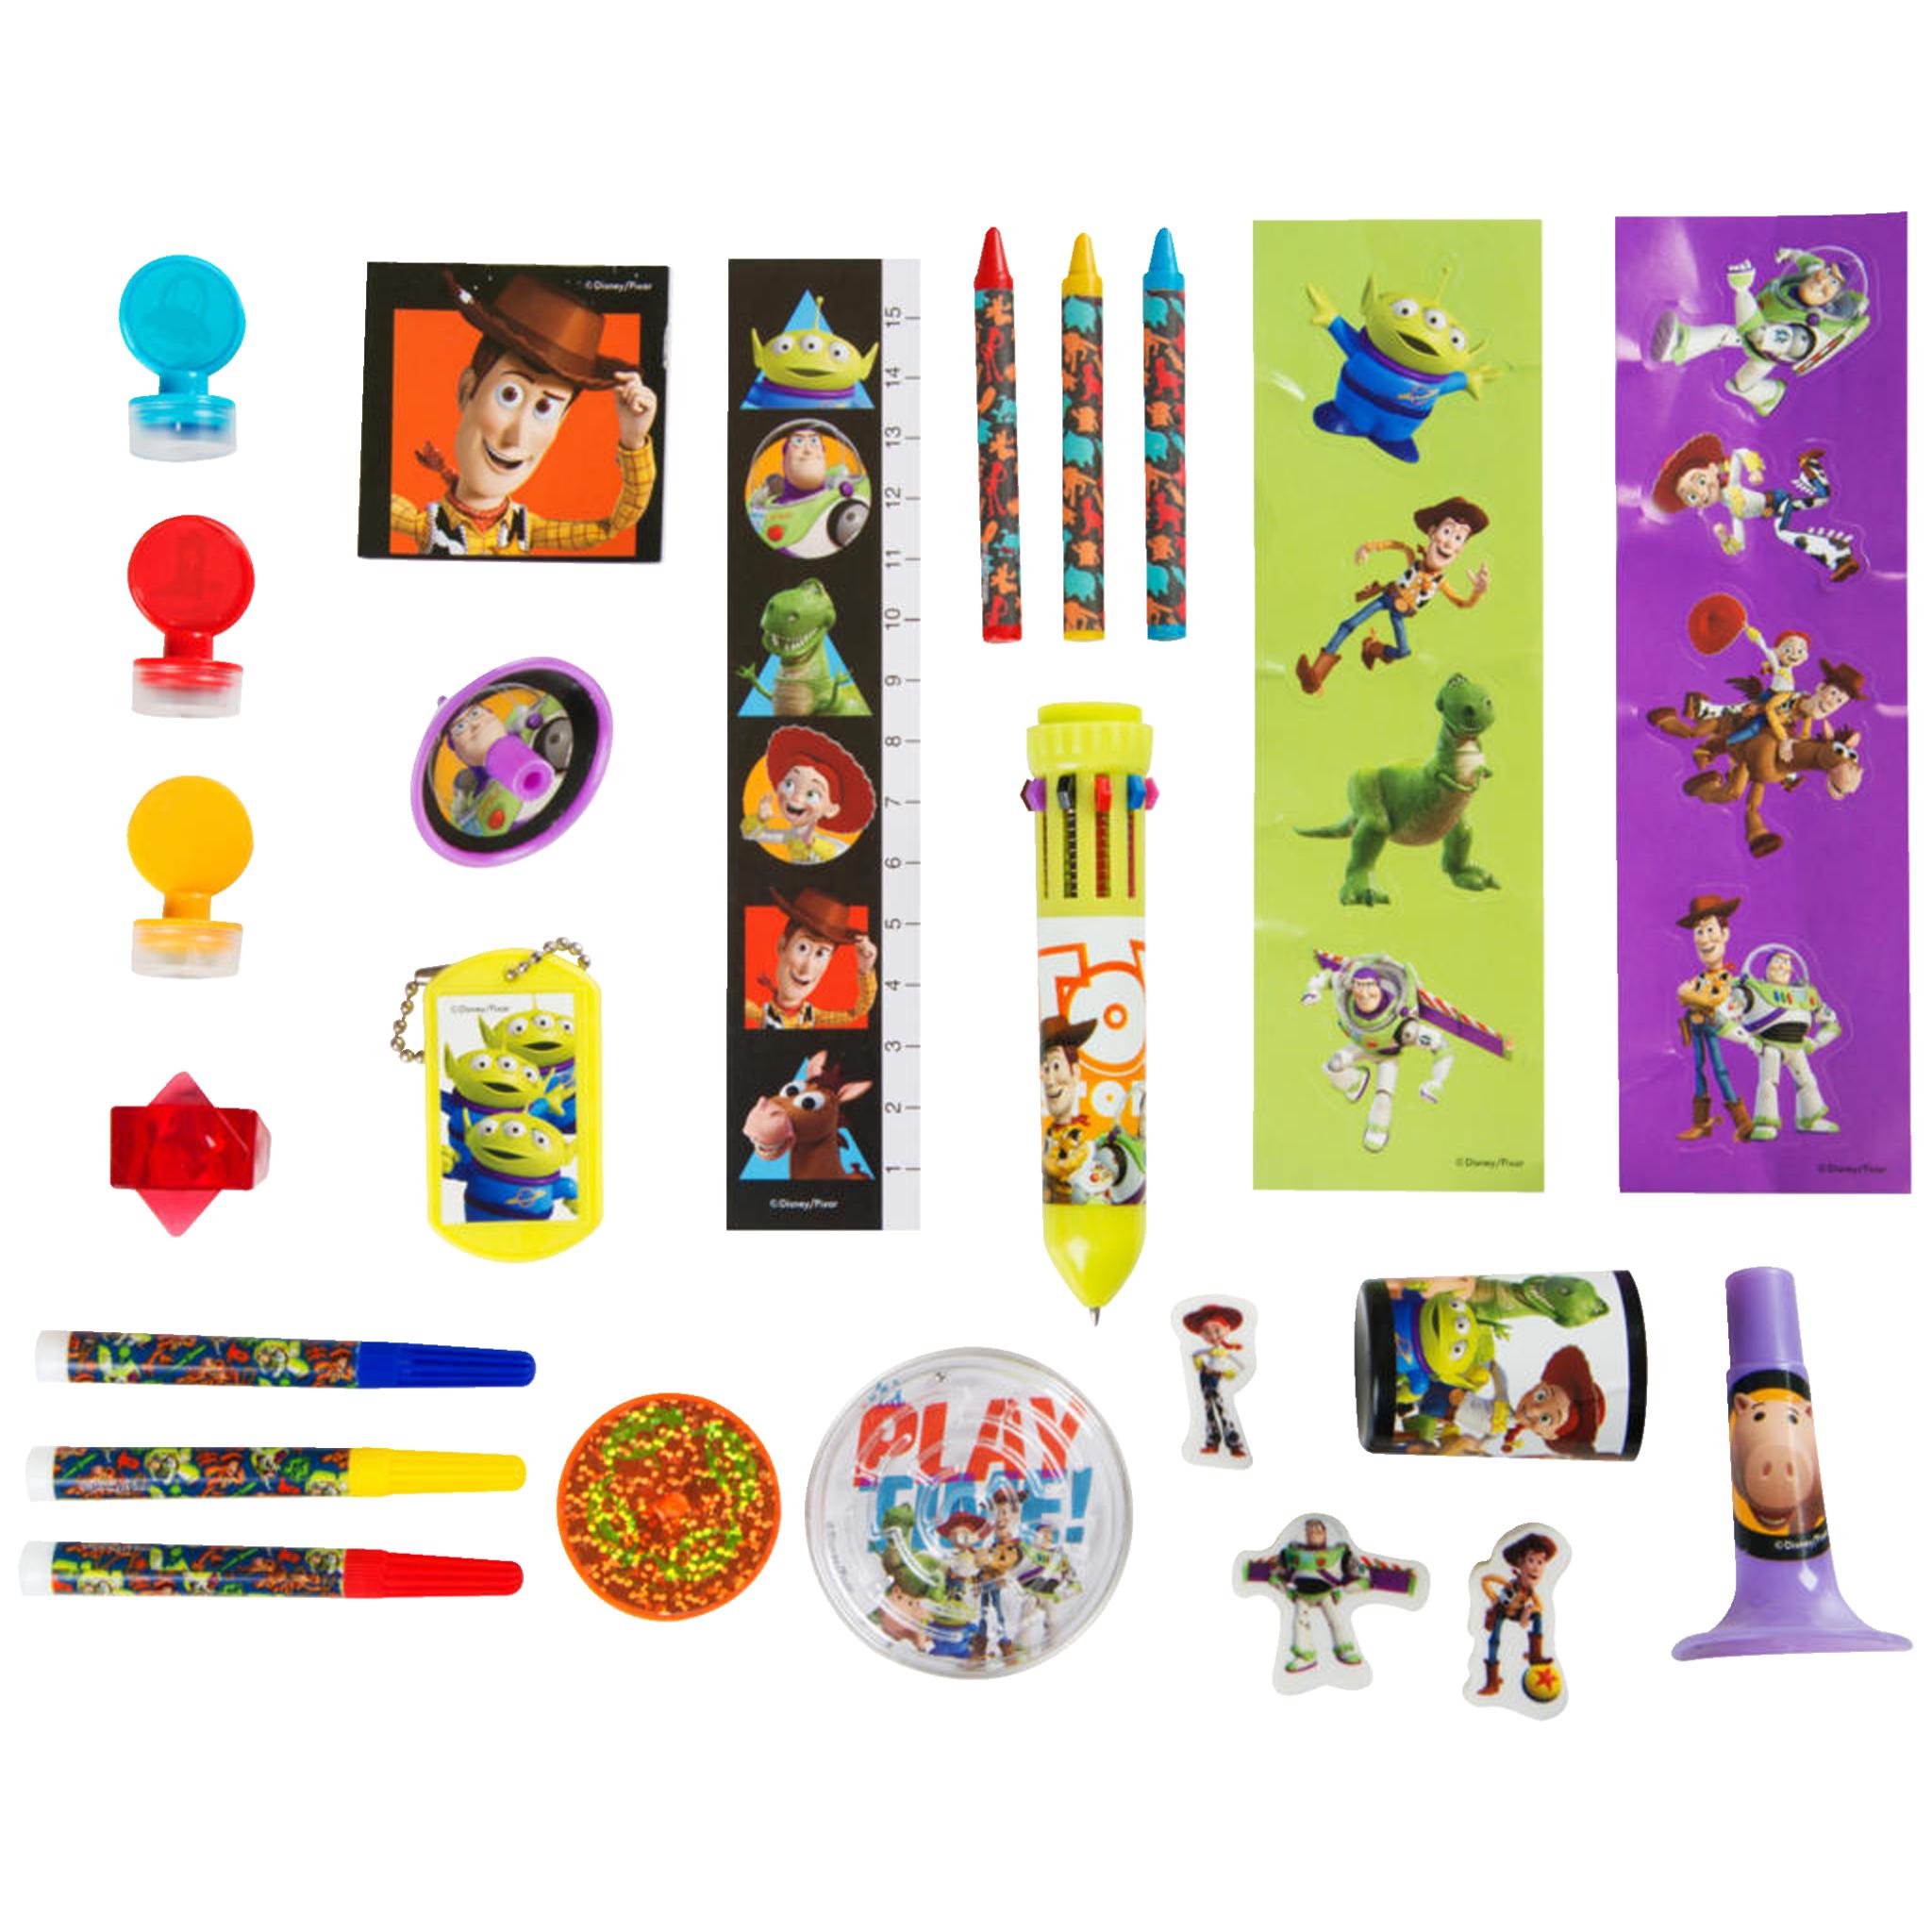 Toy Story adventskalender